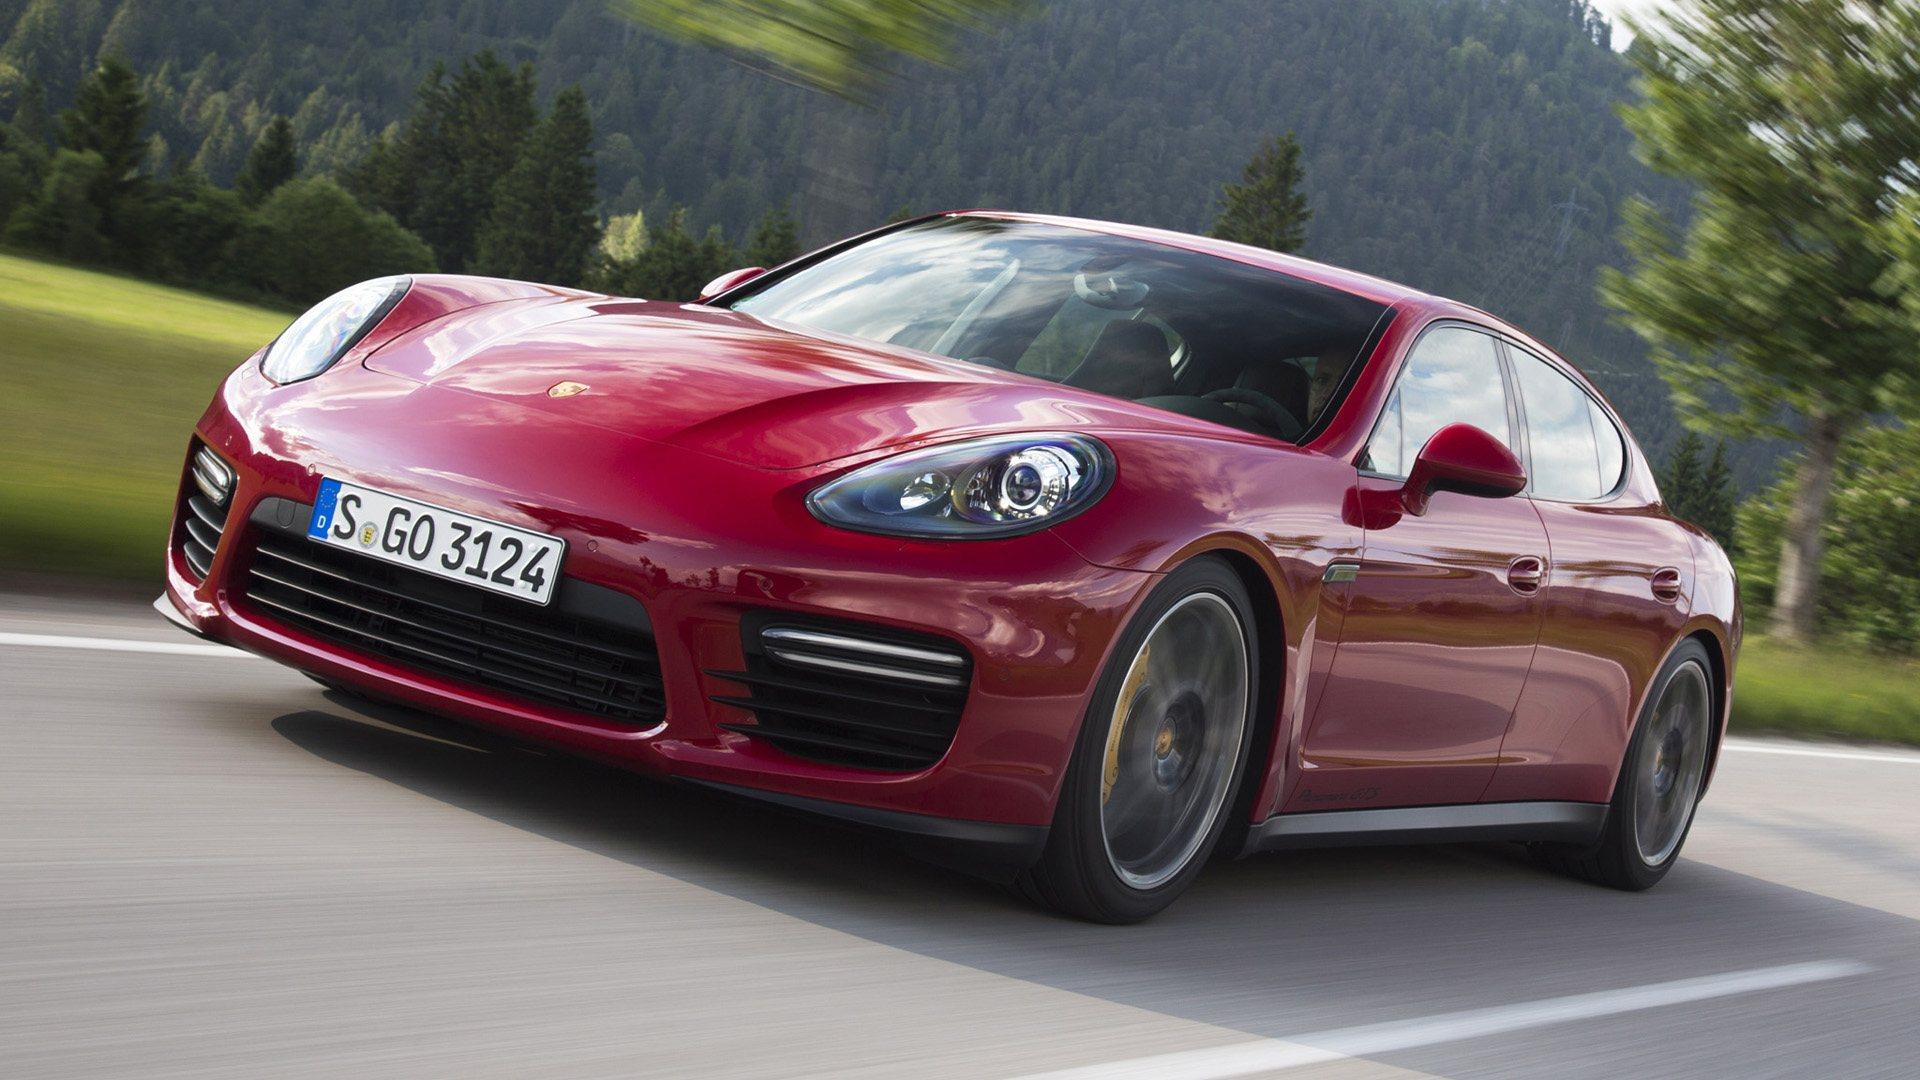 Porsche llama a revisión a casi 100.000 Cayenne y Panamera en Estados Unidos